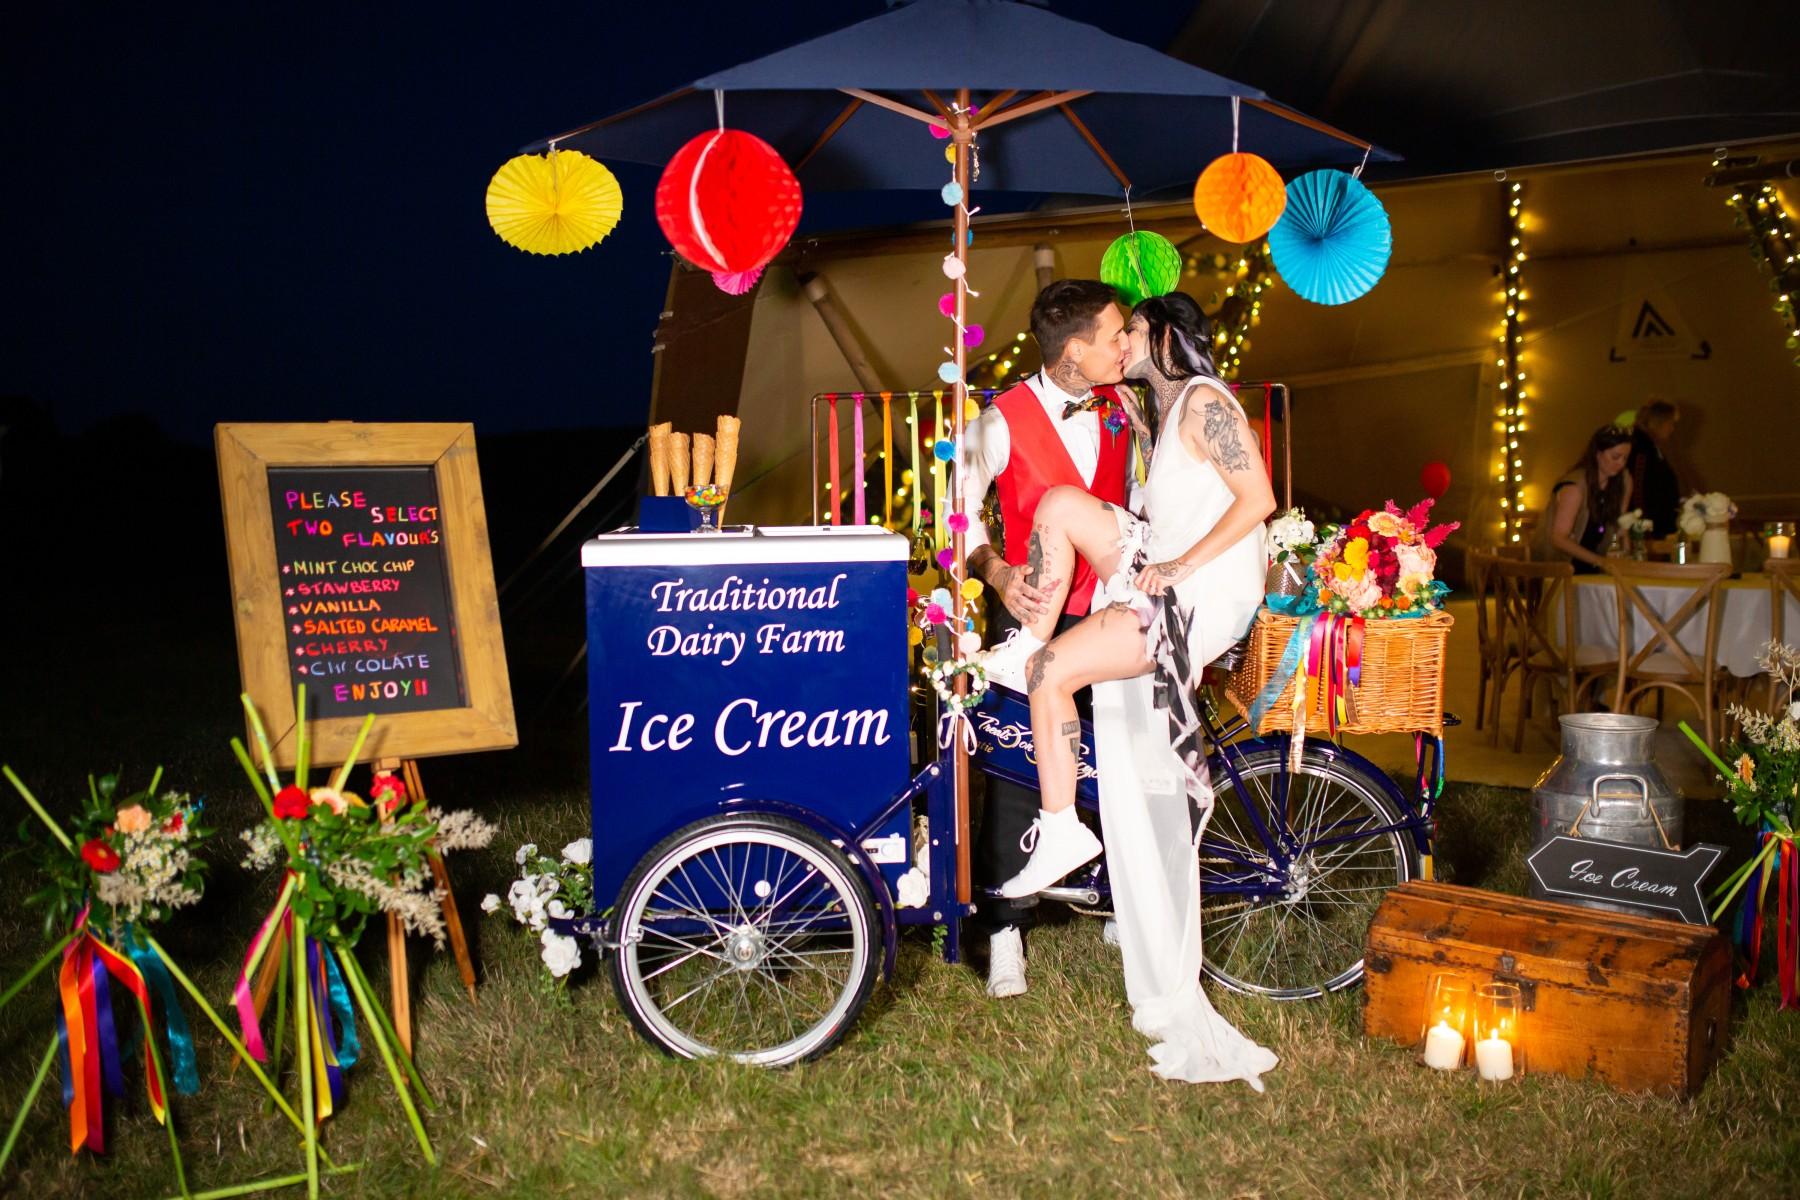 rainbow festival wedding - colourful wedding - quirky wedding ideas - wedding ice cream cart